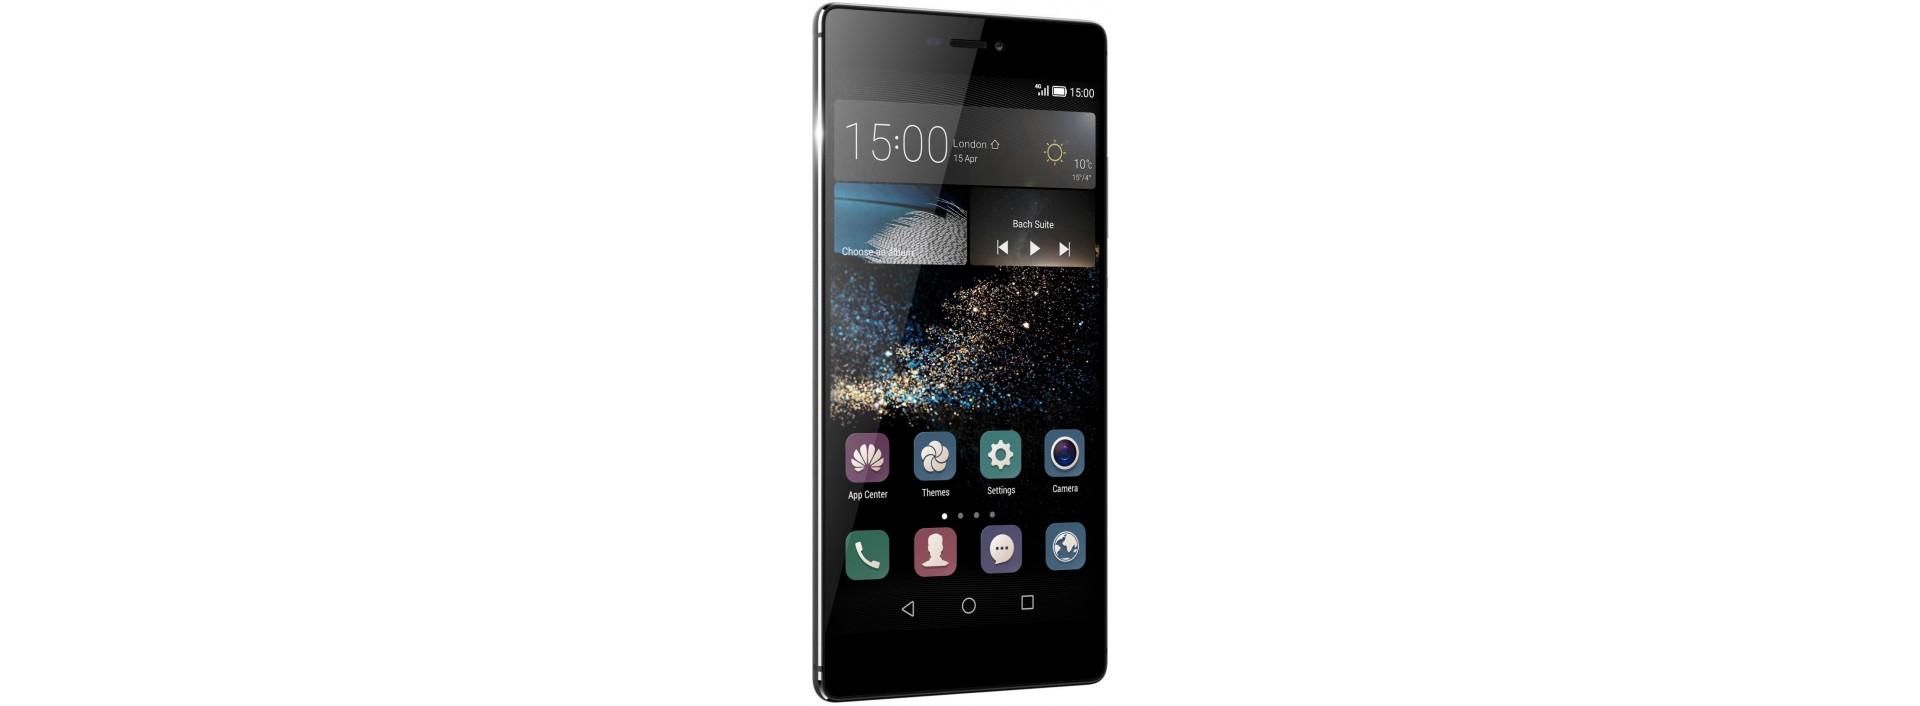 Fundas PERSONALIZADAS Huawei P8  Lite, compra ya, Envío Gratis en TMS